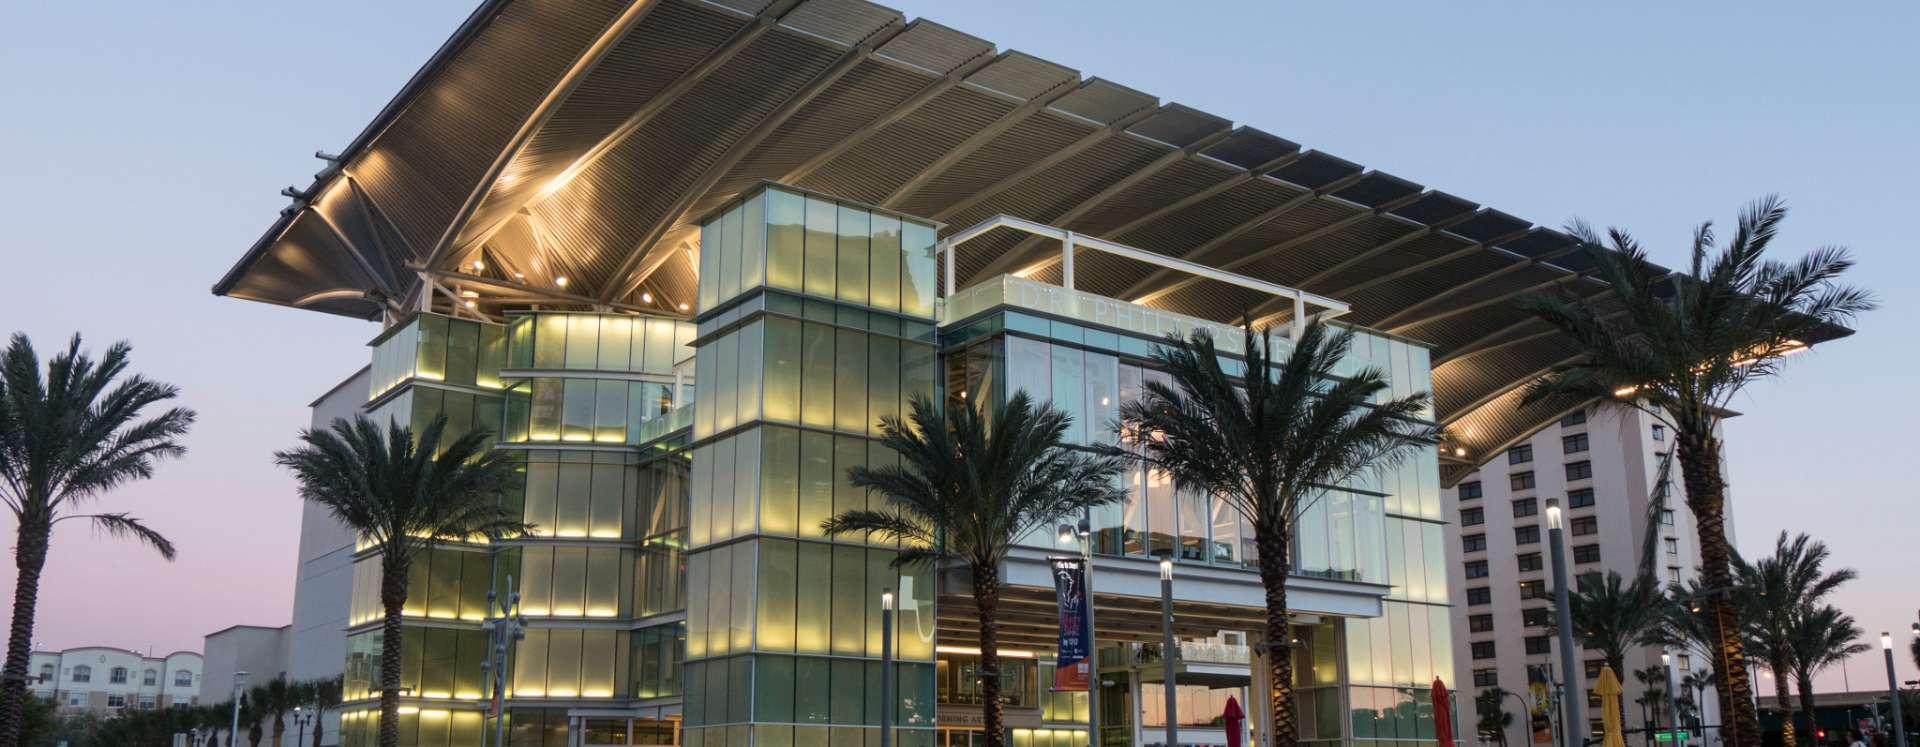 Los mejores Zip Codes de Orlando y Florida Central para vivir o invertir